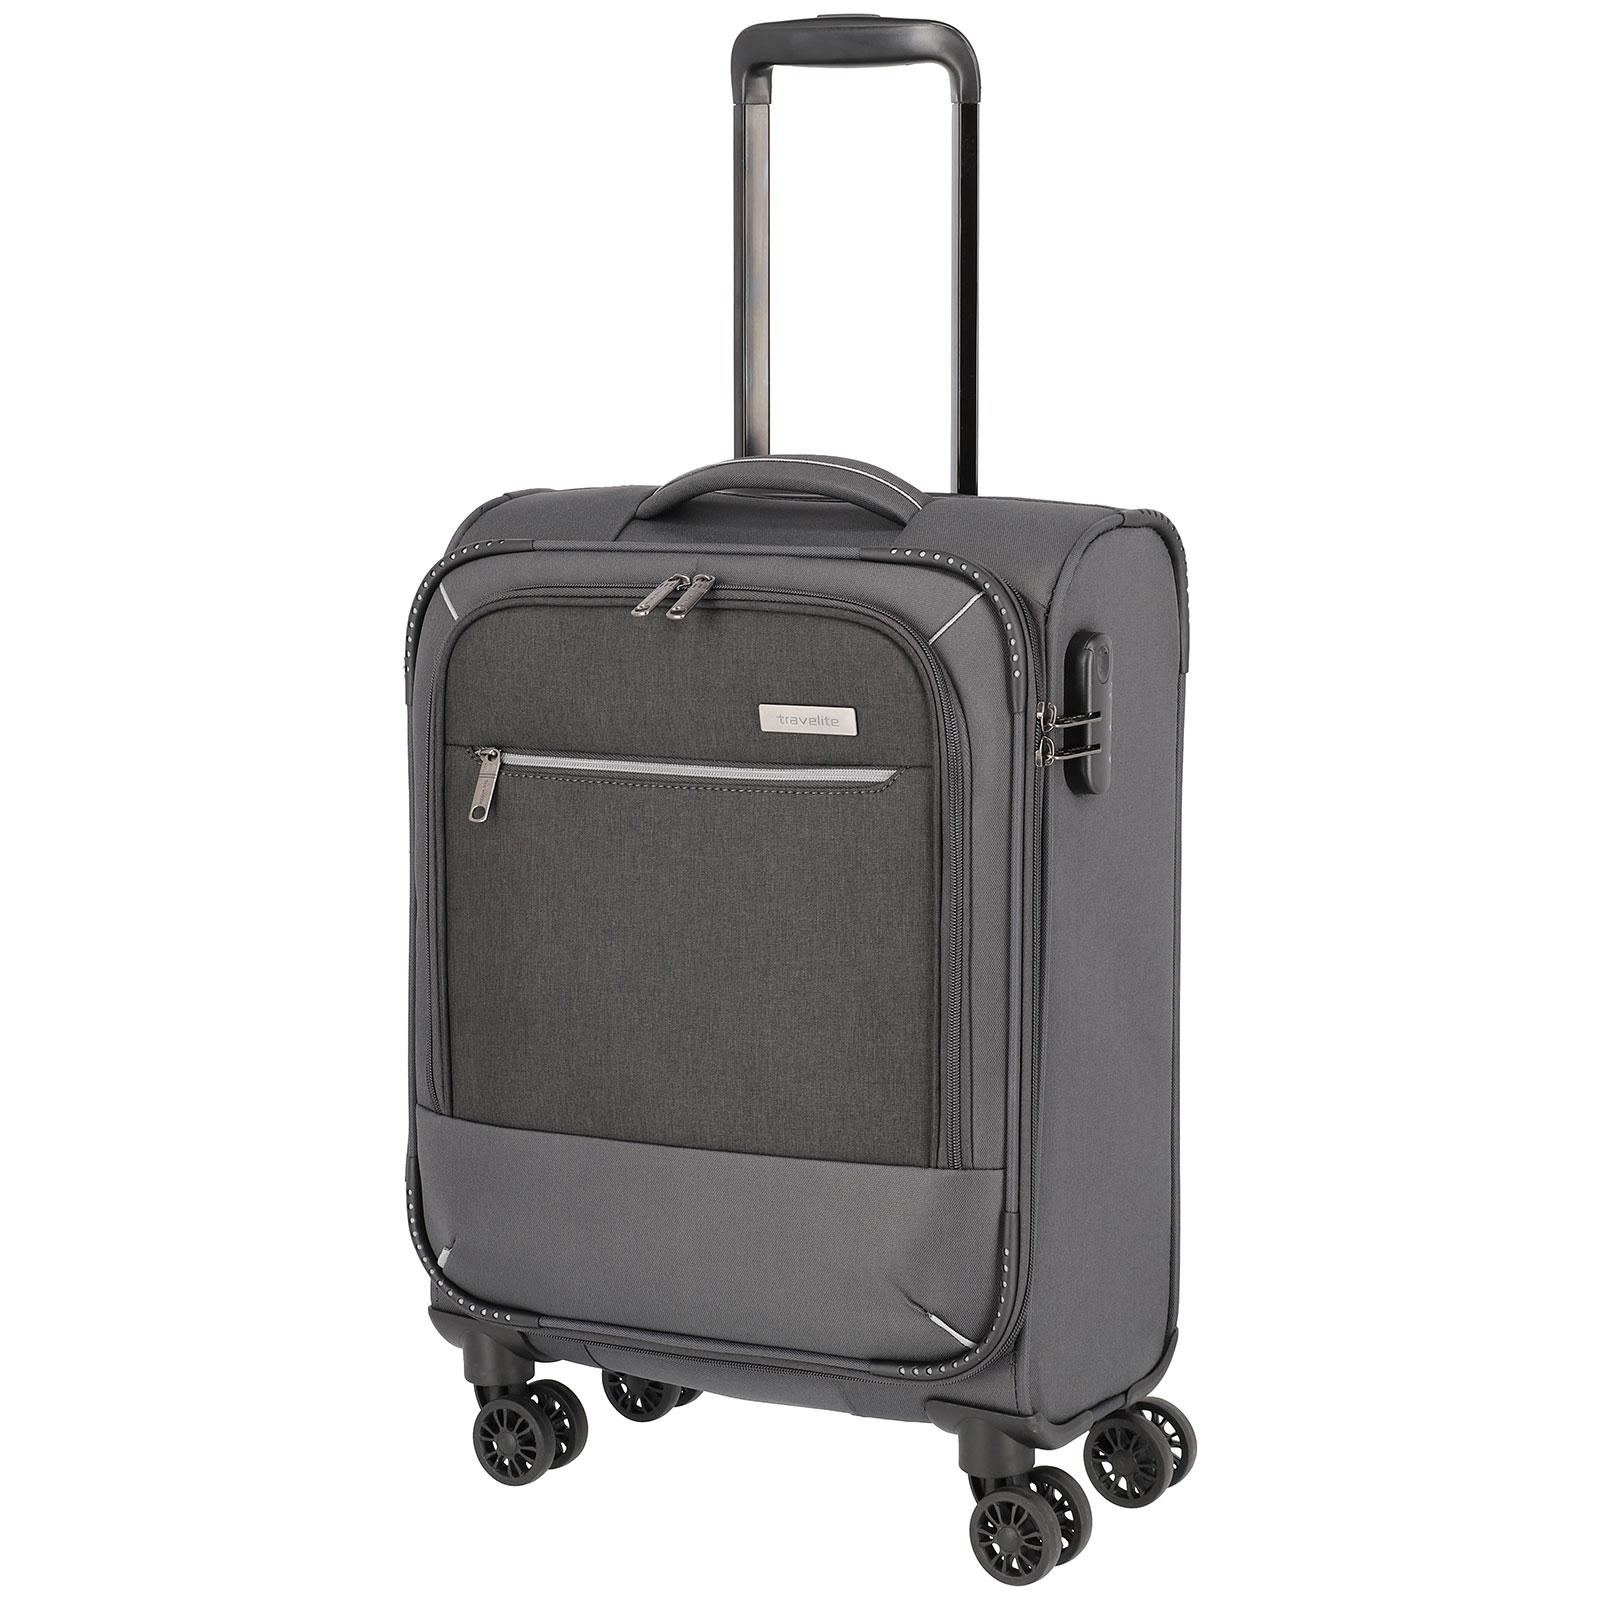 travelite arona koffer g nstig kaufen koffermarkt. Black Bedroom Furniture Sets. Home Design Ideas